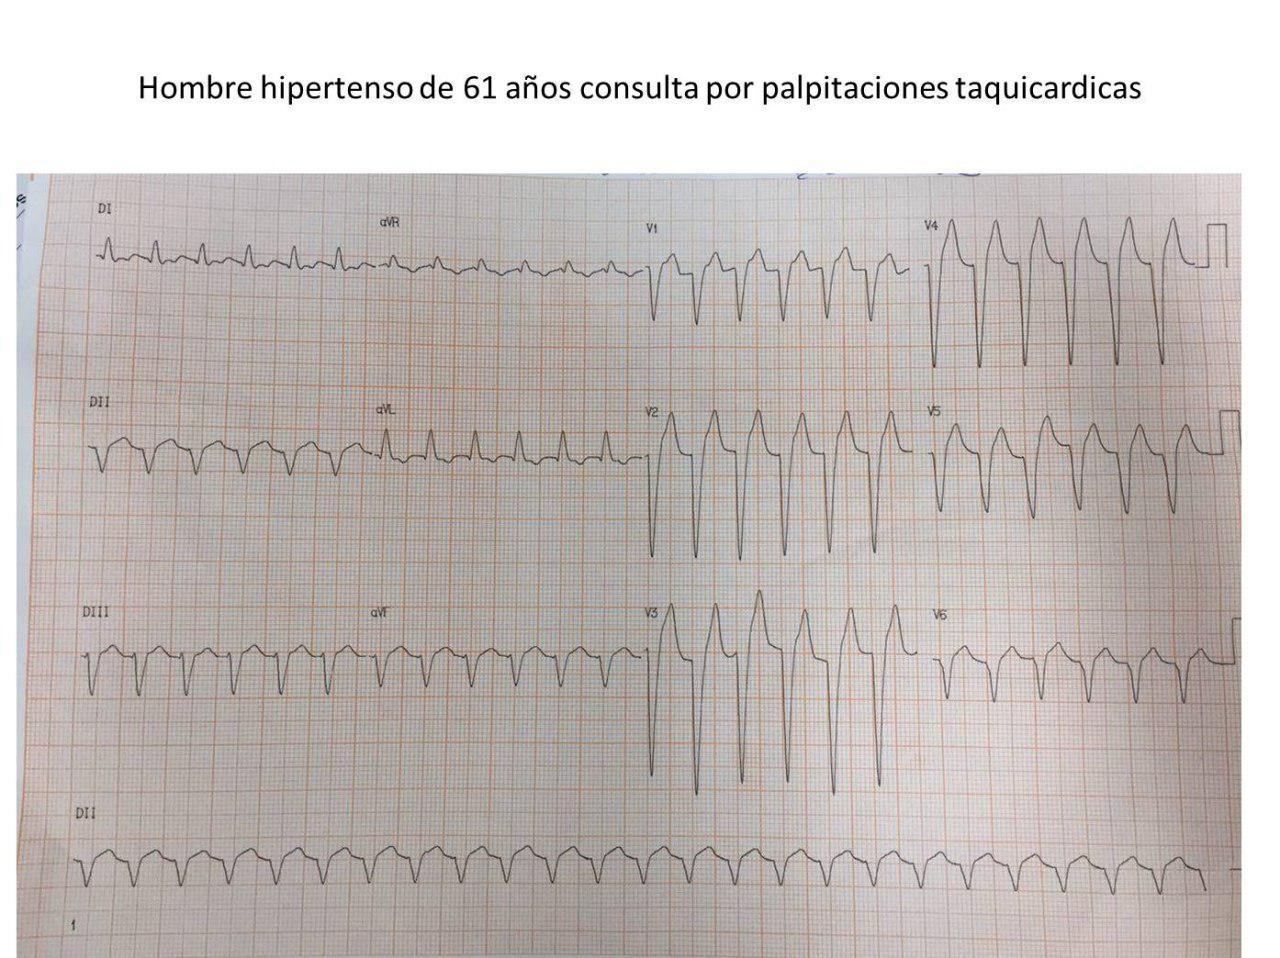 Hombre hipertenso de 61 años que presenta palpitaciones recurrentes y en quién la inyección de adenosina permite desenmascarar un aleteo auricular